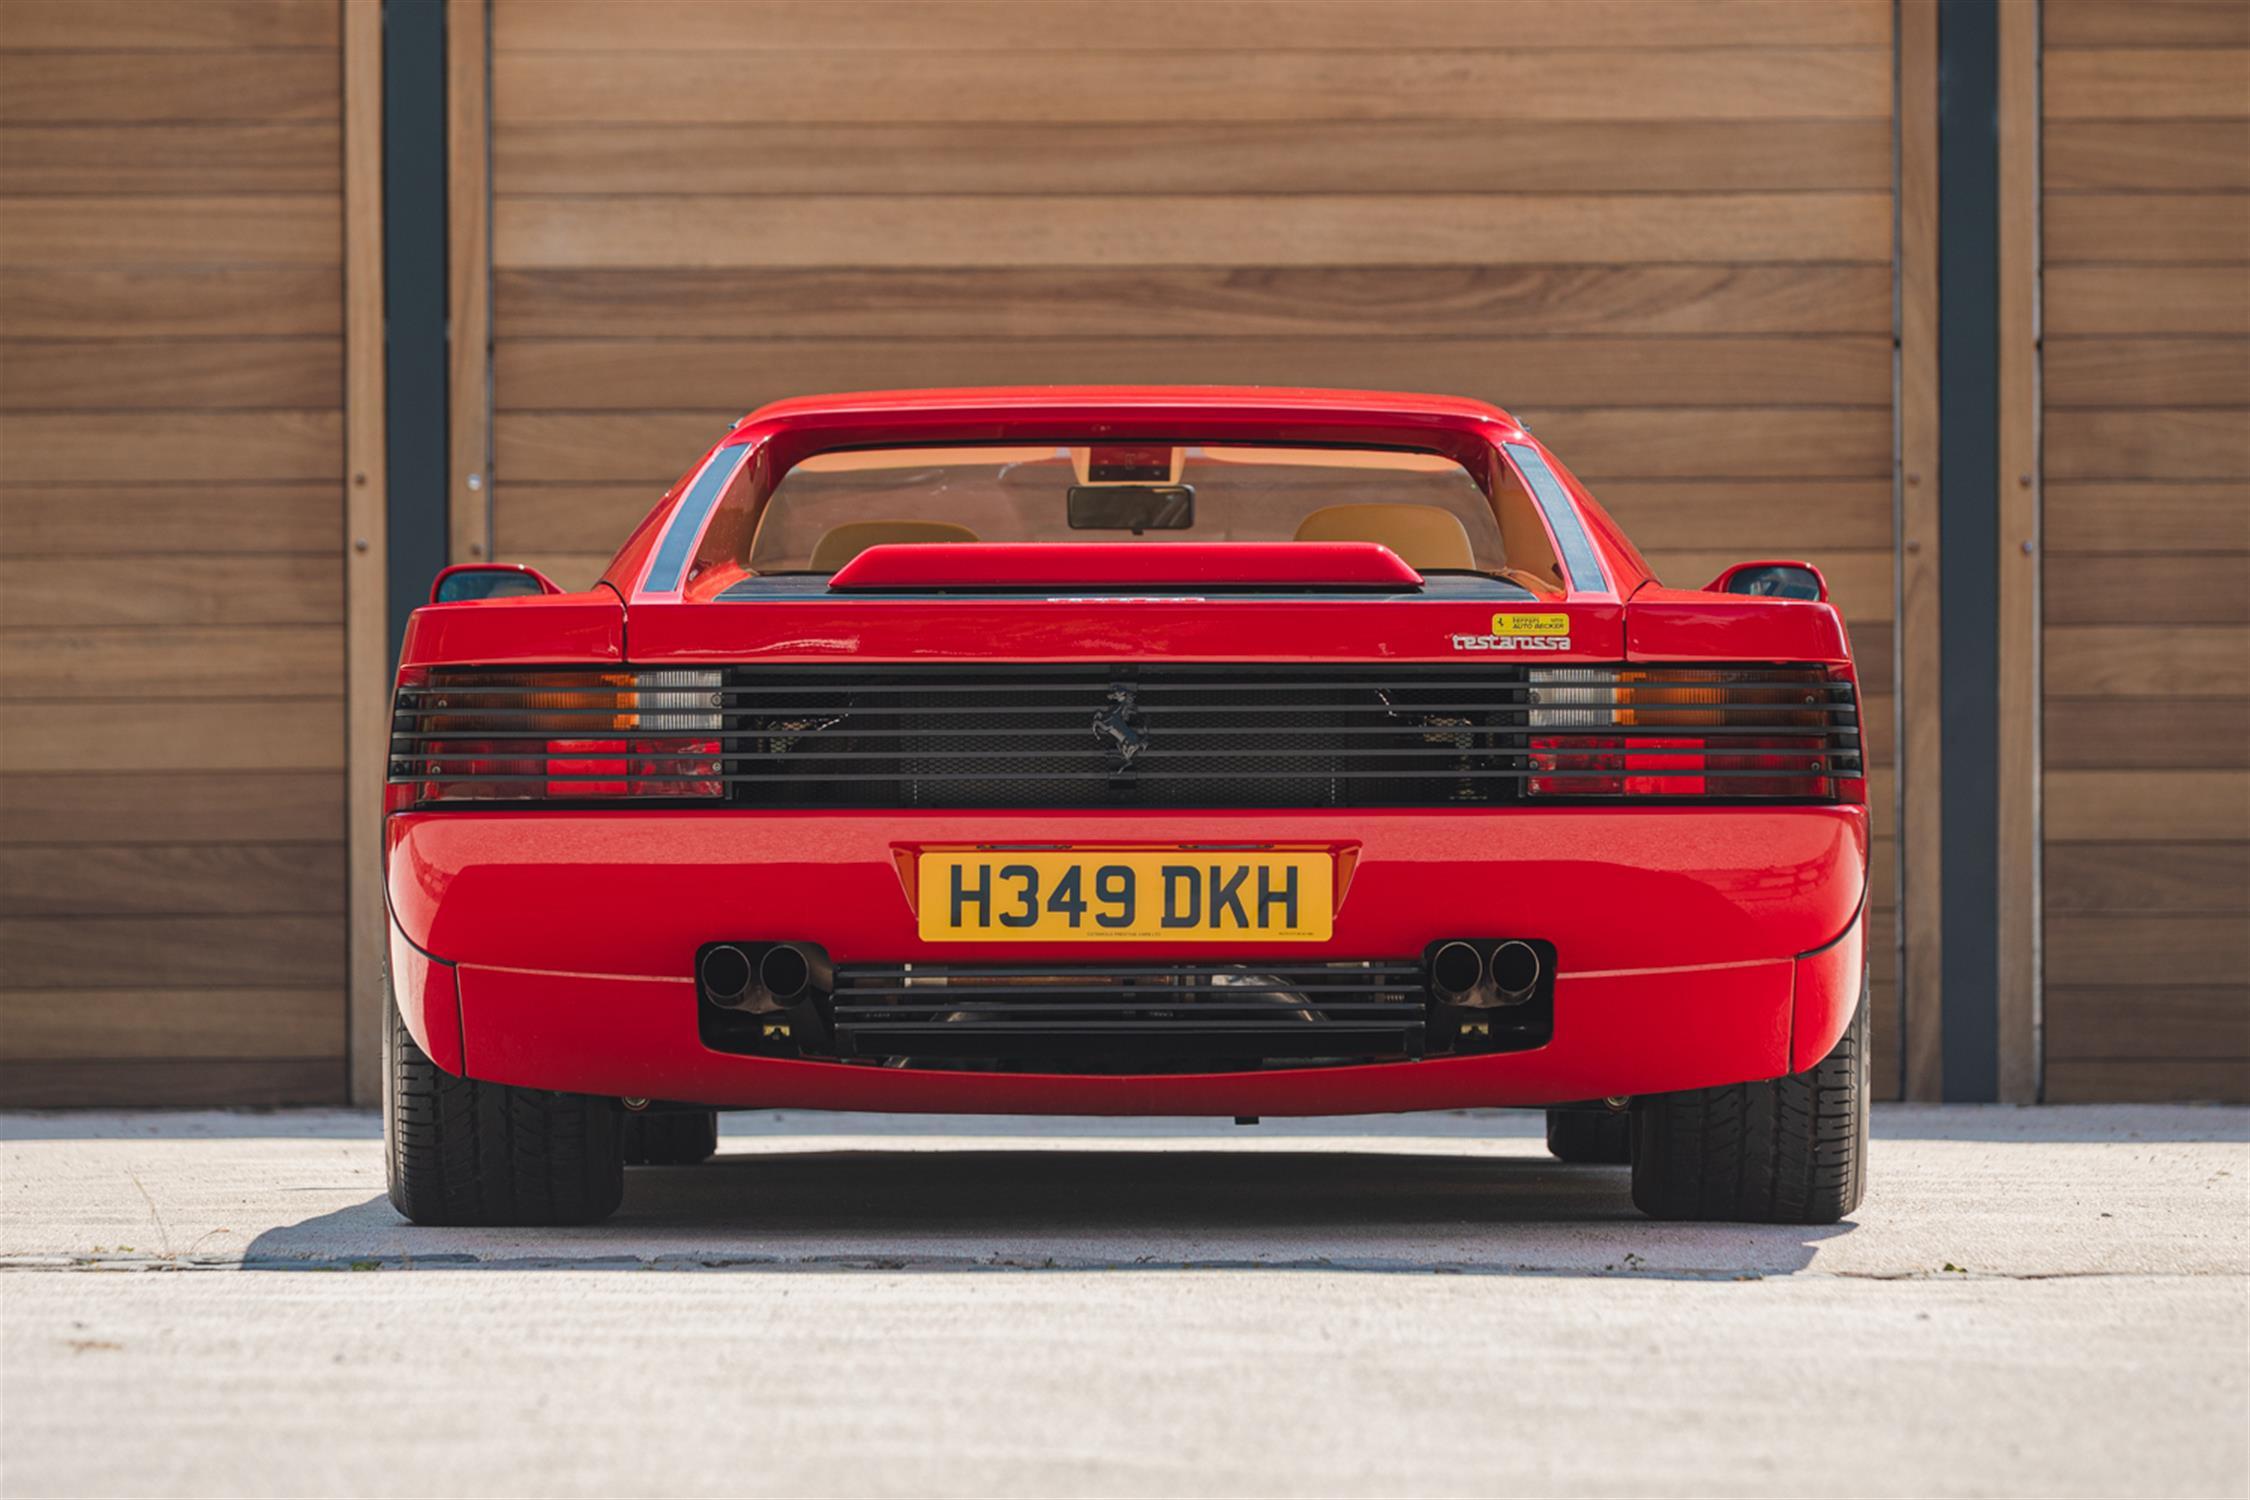 1991 Ferrari Testarossa - 1,829 Kilometres From New & Classiche'd - Image 9 of 15